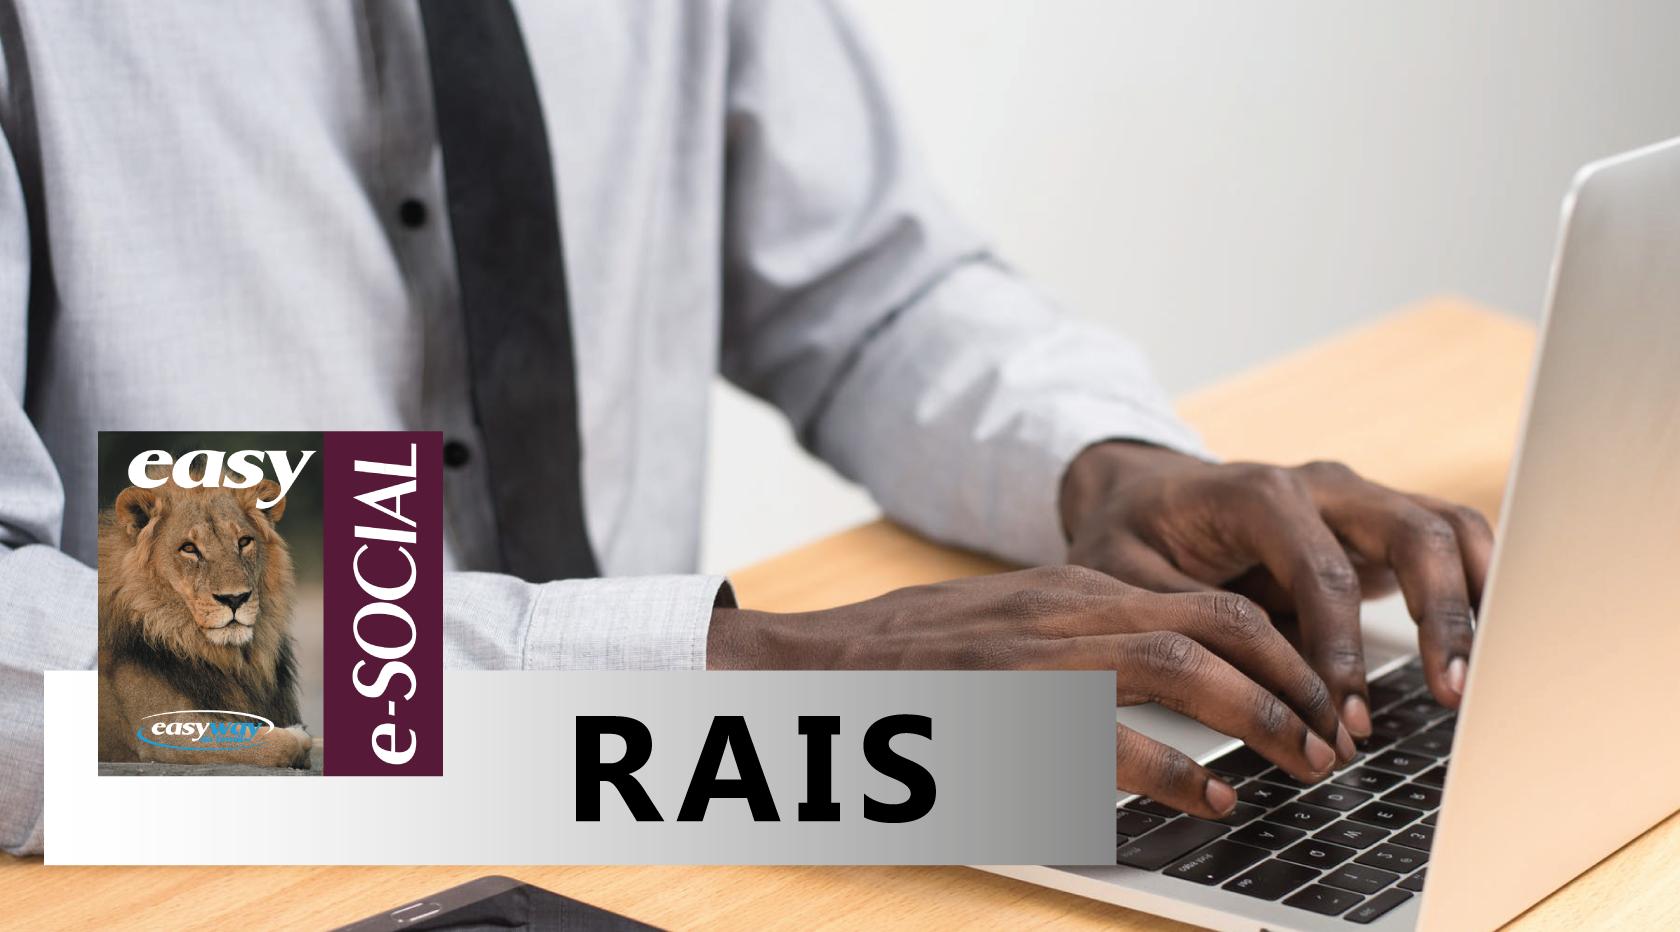 Declaração da RAIS deve ser enviada até 17 de abril